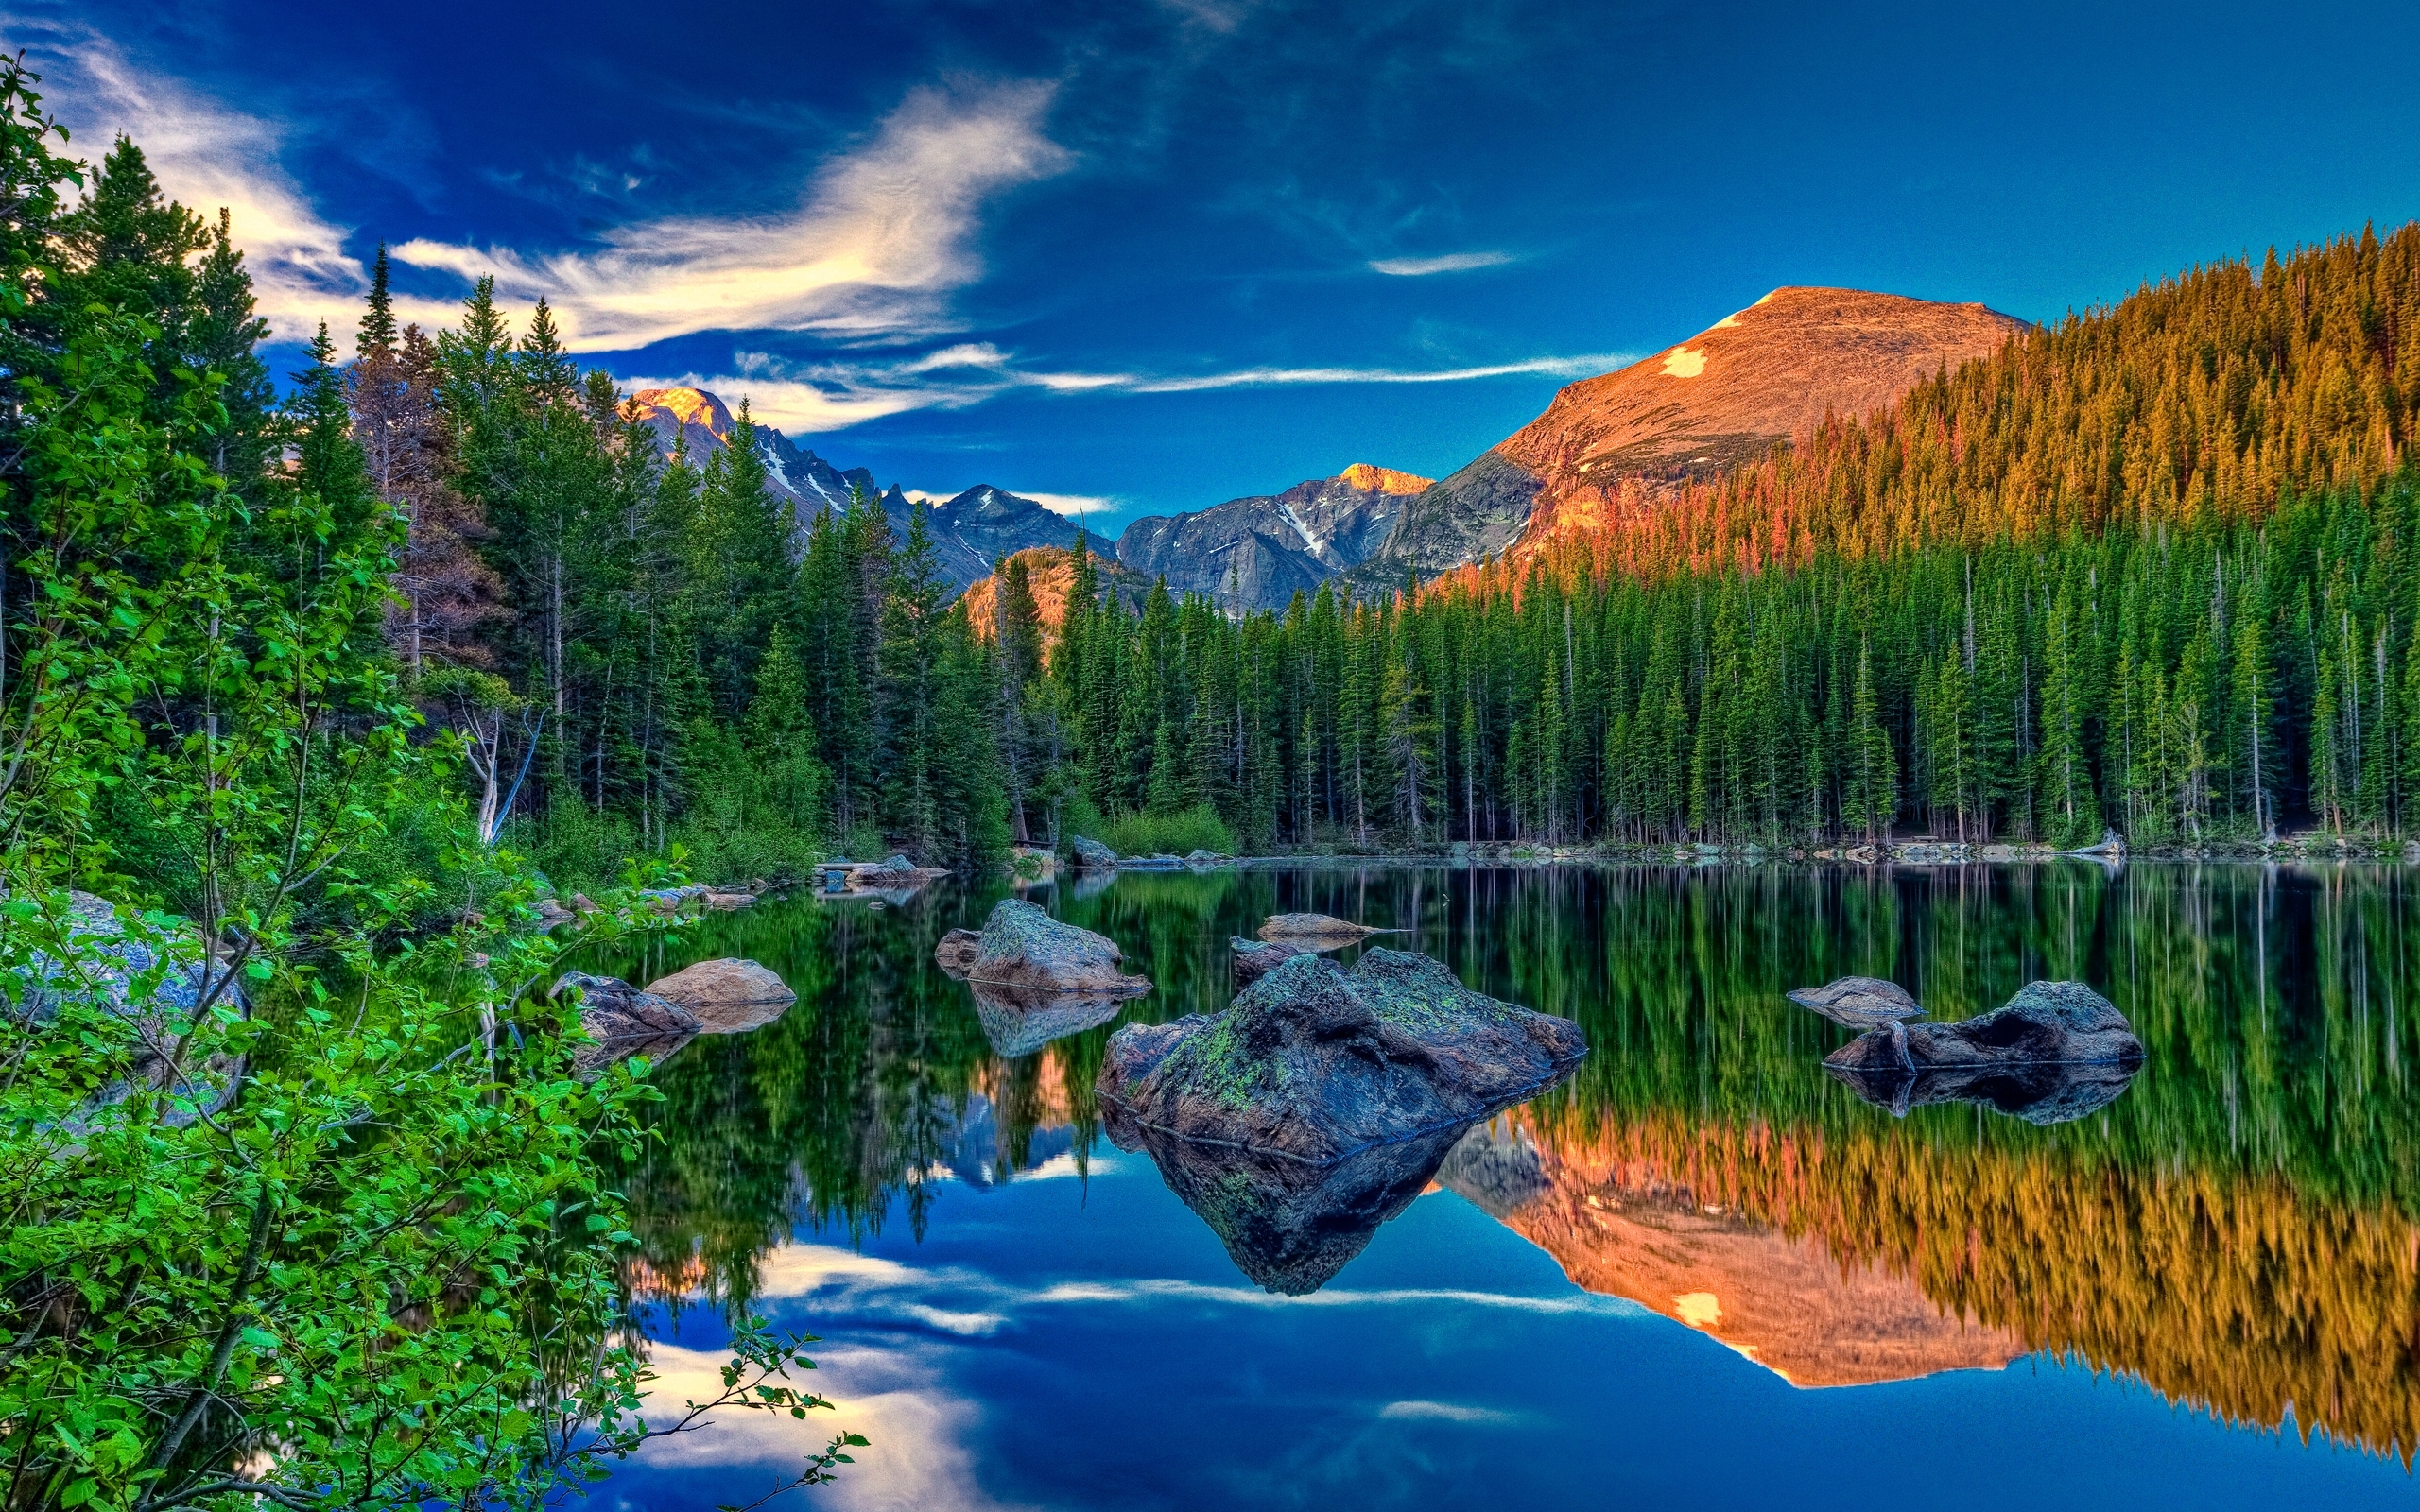 30590 Заставки и Обои Озера на телефон. Скачать Озера, Пейзаж, Горы картинки бесплатно